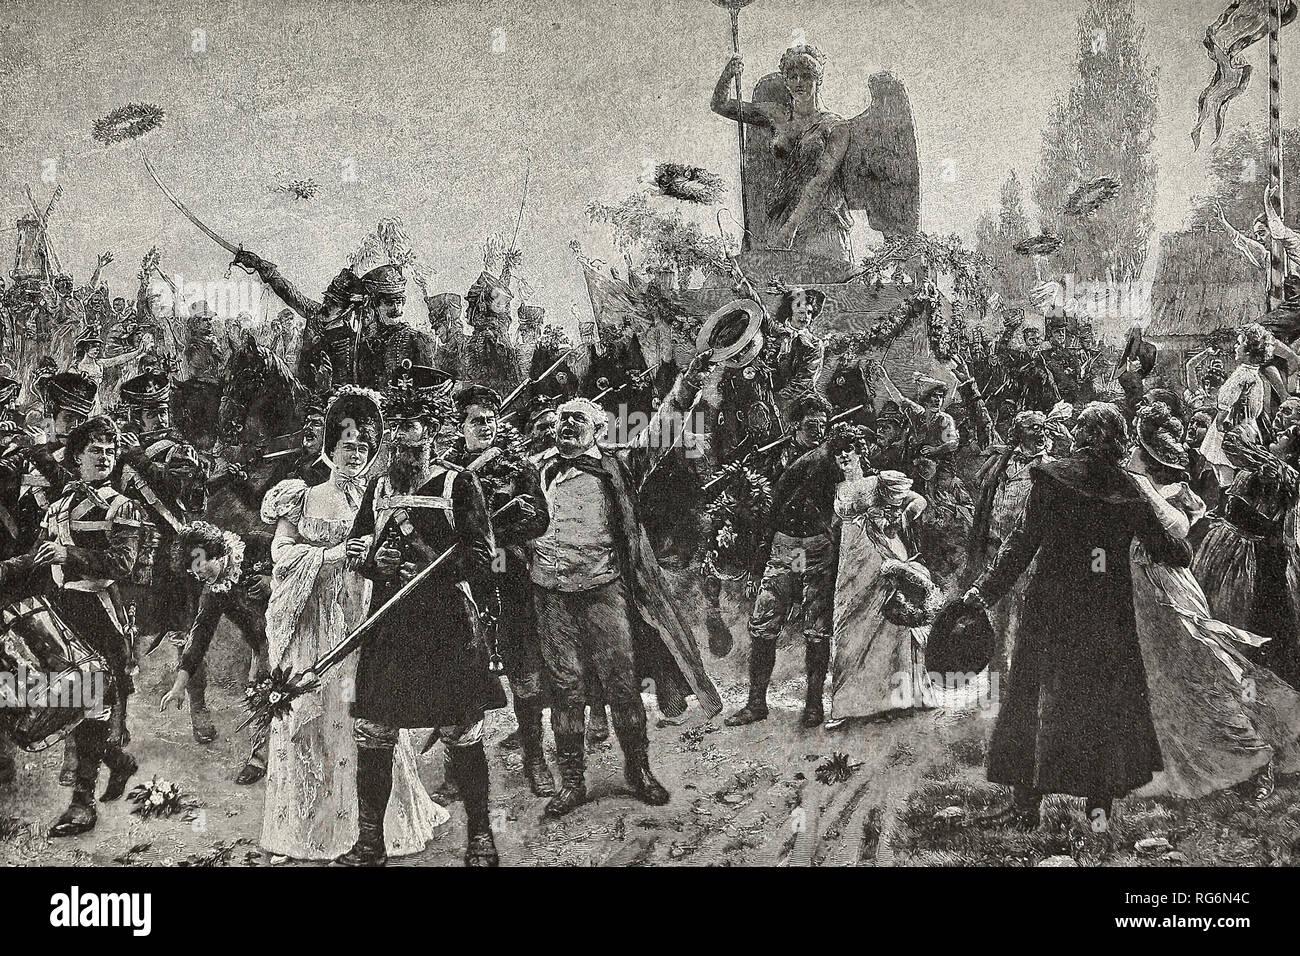 Le triomphe à Berlin - La Statue de la Victoire, capturé par Napoléon, est restaurée par des festivités en 1814 Banque D'Images